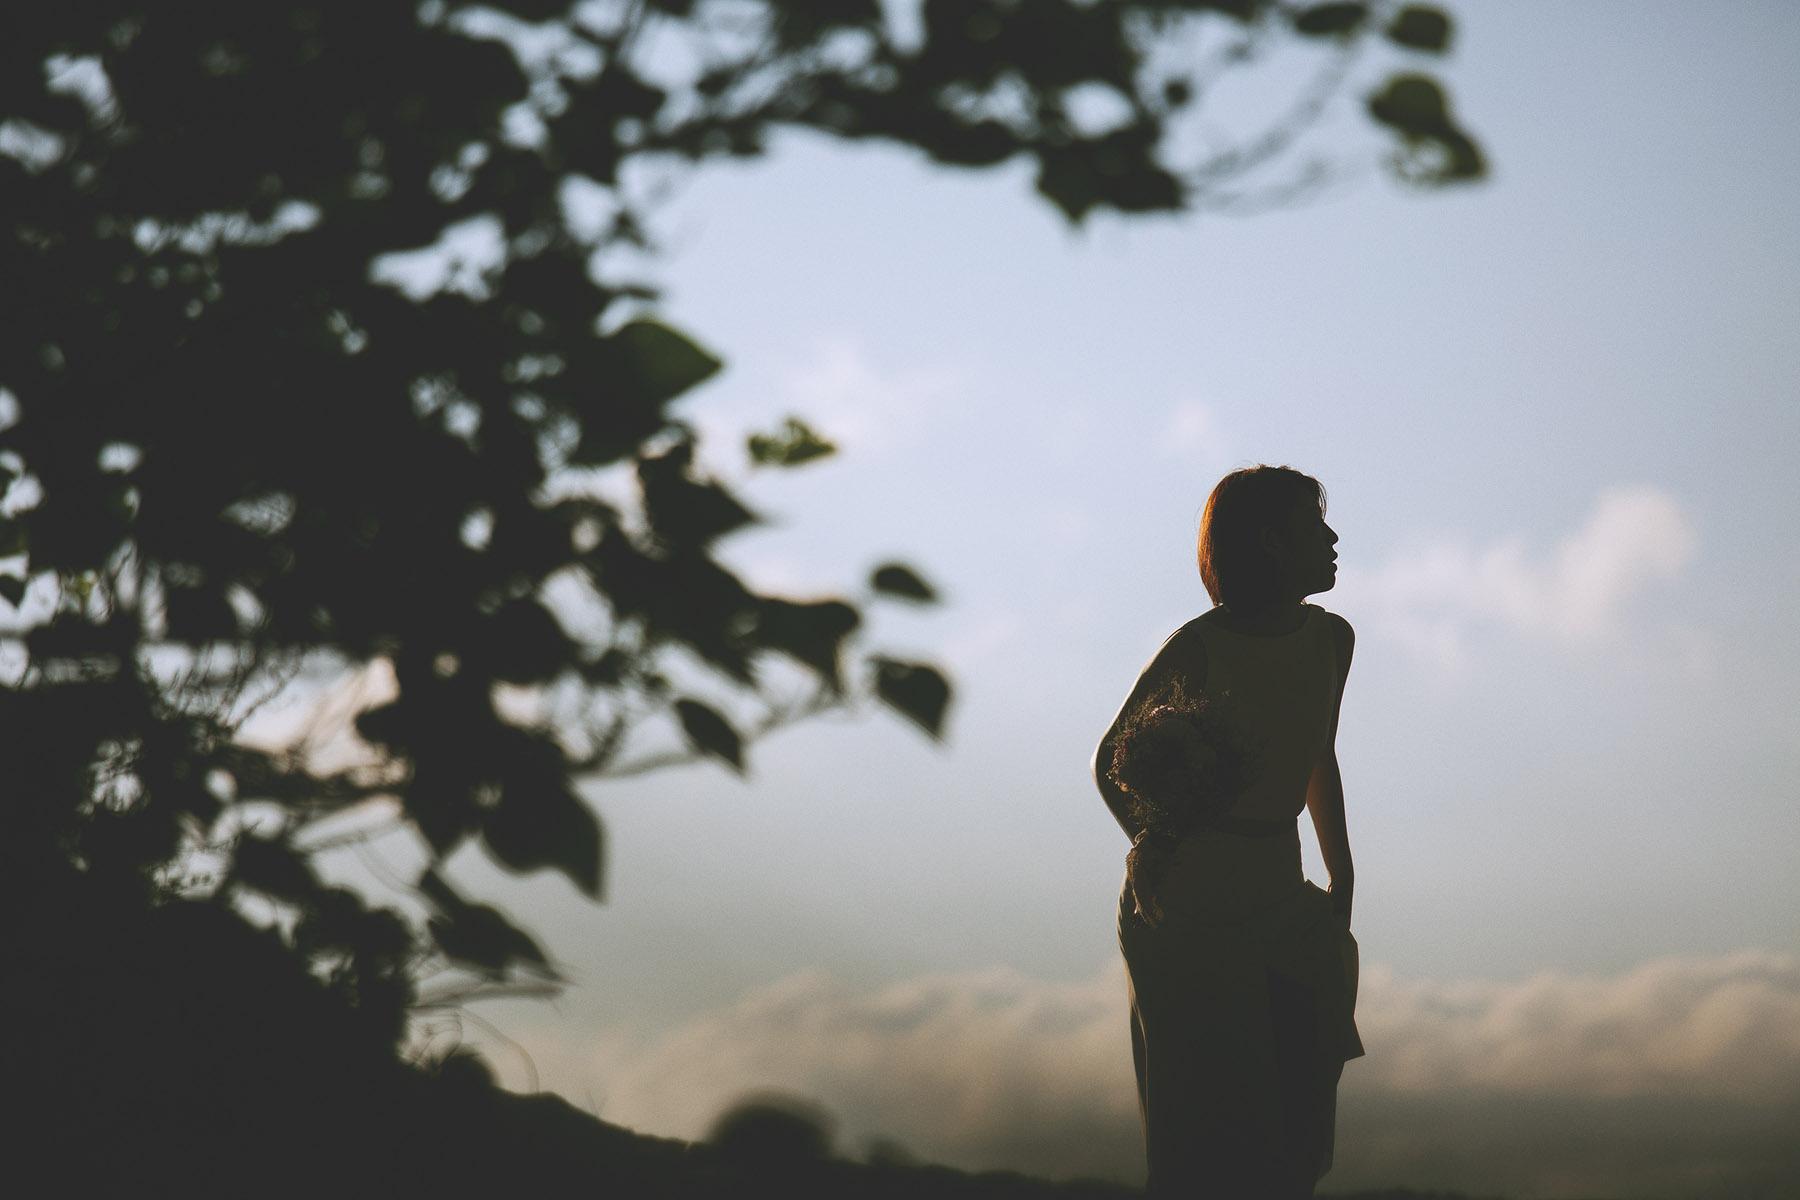 台北,海邊,自助婚紗,便服婚紗,自然風格,生活風格,底片風格,電影風格,台北婚紗攝影師推薦,情感,溫度